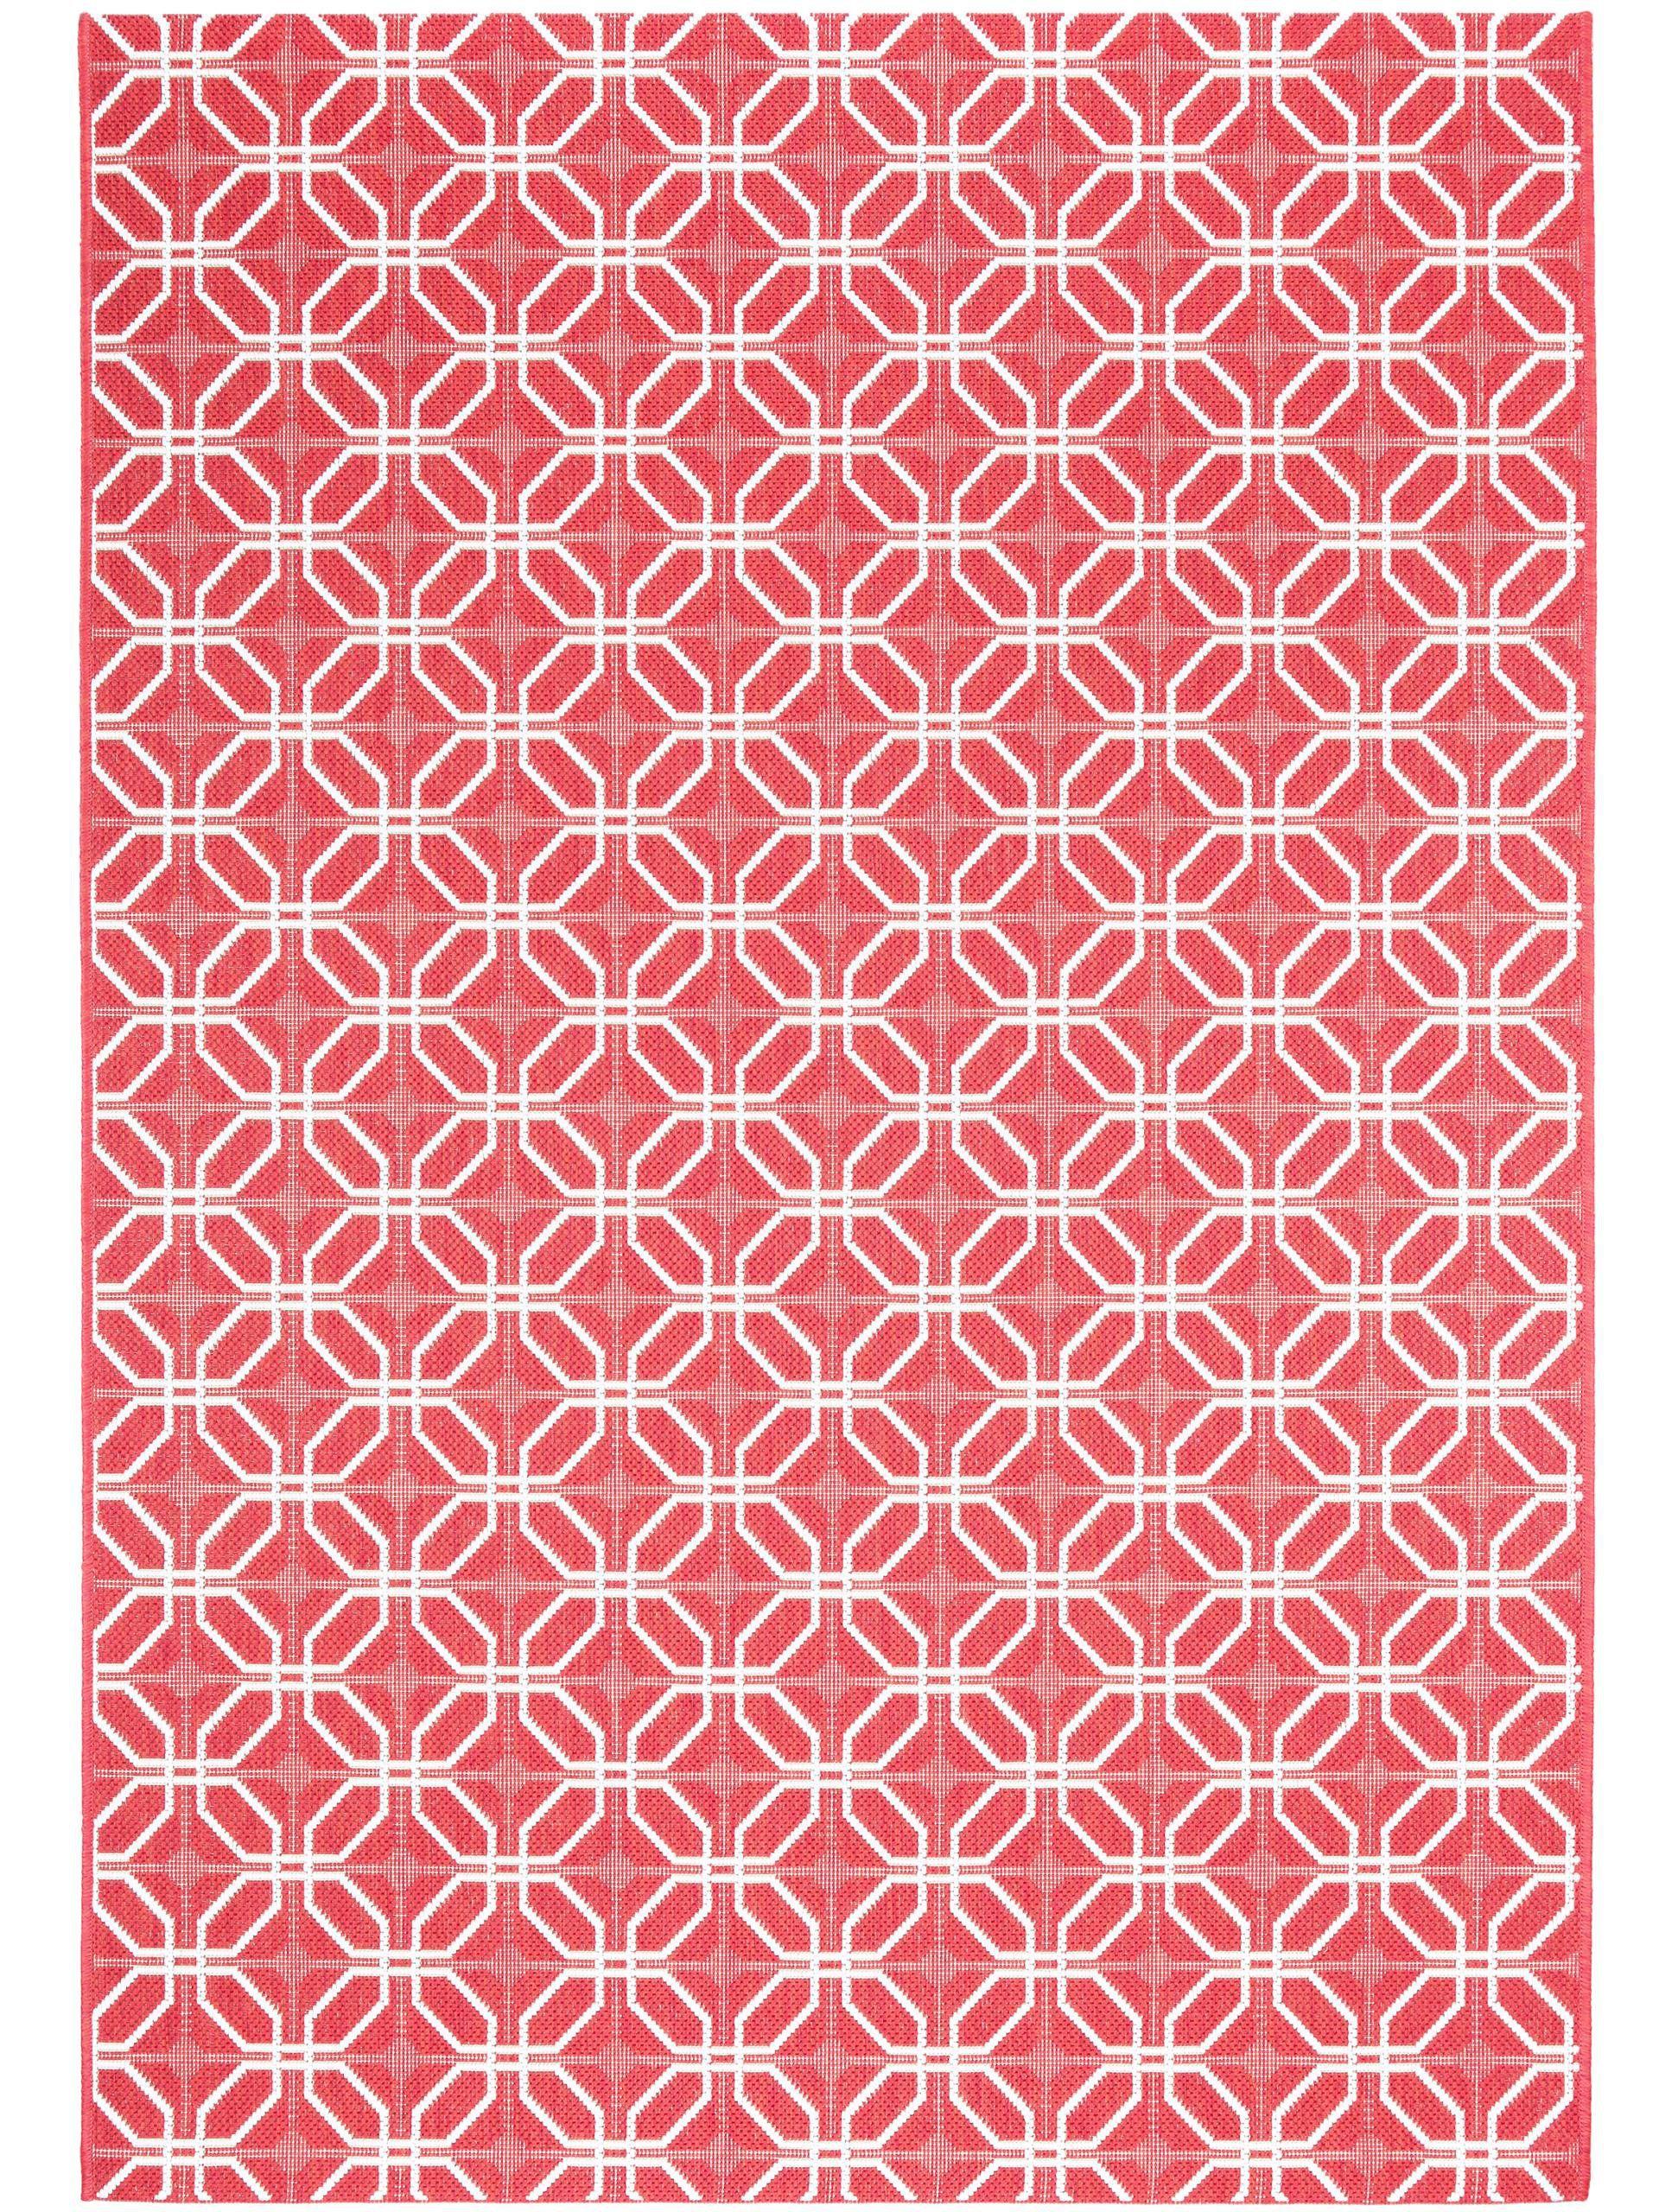 Kurzflor-kunststoff In- & Outdoor Teppich Flower Grau 167x250 Cm ... Ideen Fur Balkon Deko Boho Chic Personlichkeit